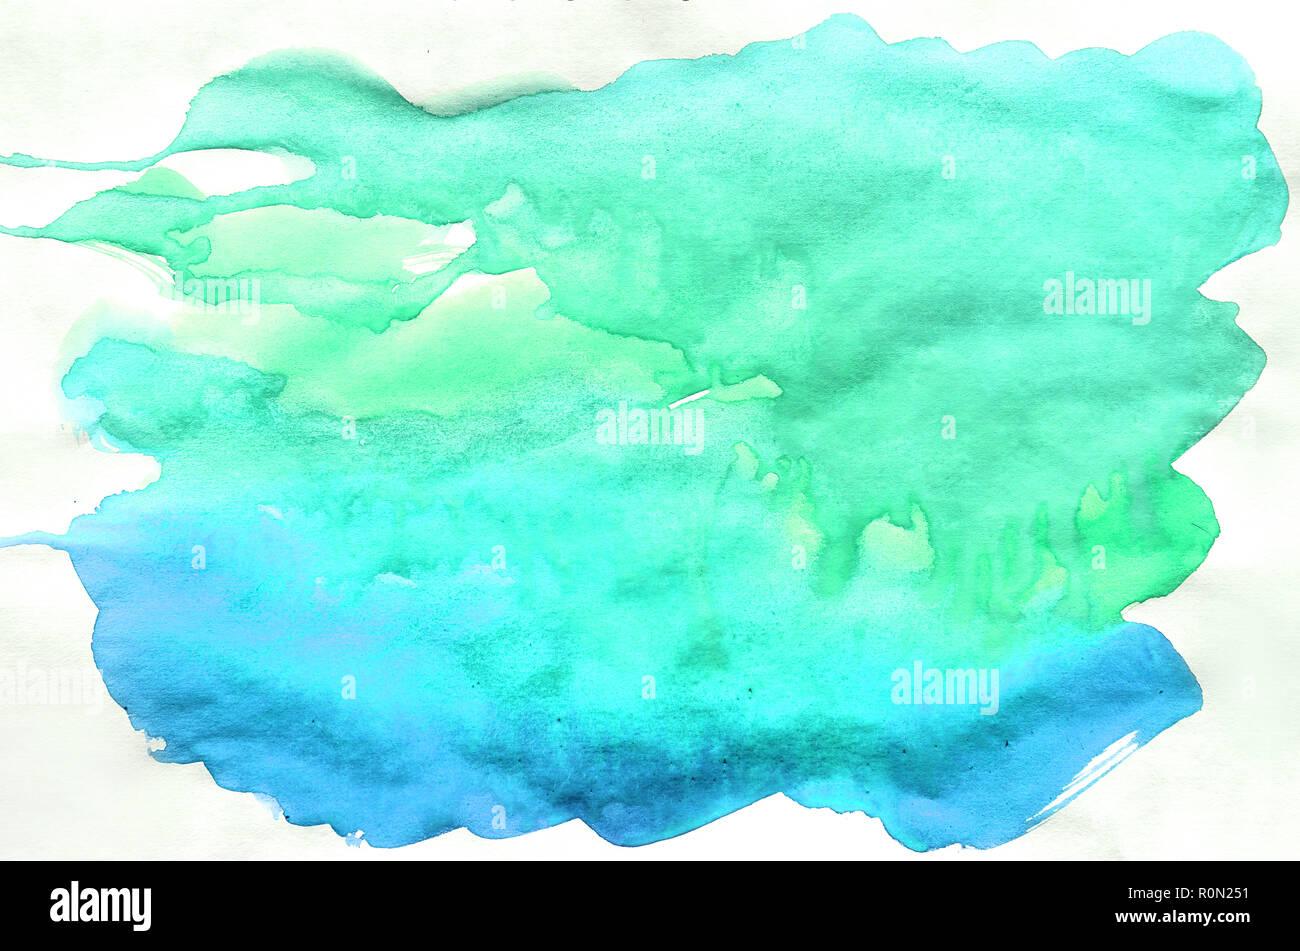 Turquoise Vert Bleu Couleurs Aquarelle Pinceau Humide Peinture